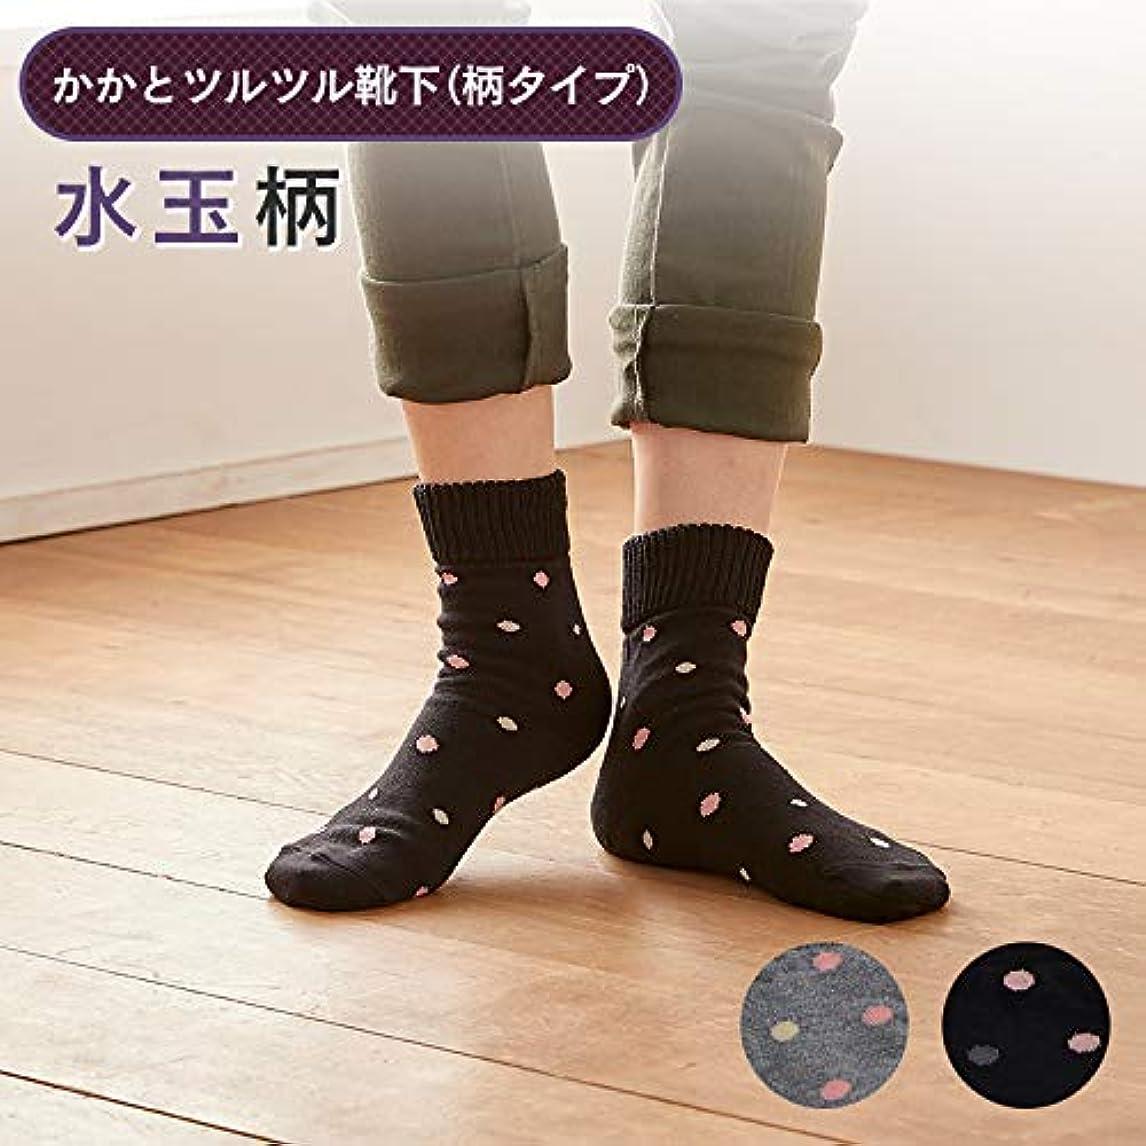 事件、出来事医薬品ジャンルかかと 角質ケア ひび割れ対策 かかとツルツル靴下 水玉 グレー 23-25cm 太陽ニット 727